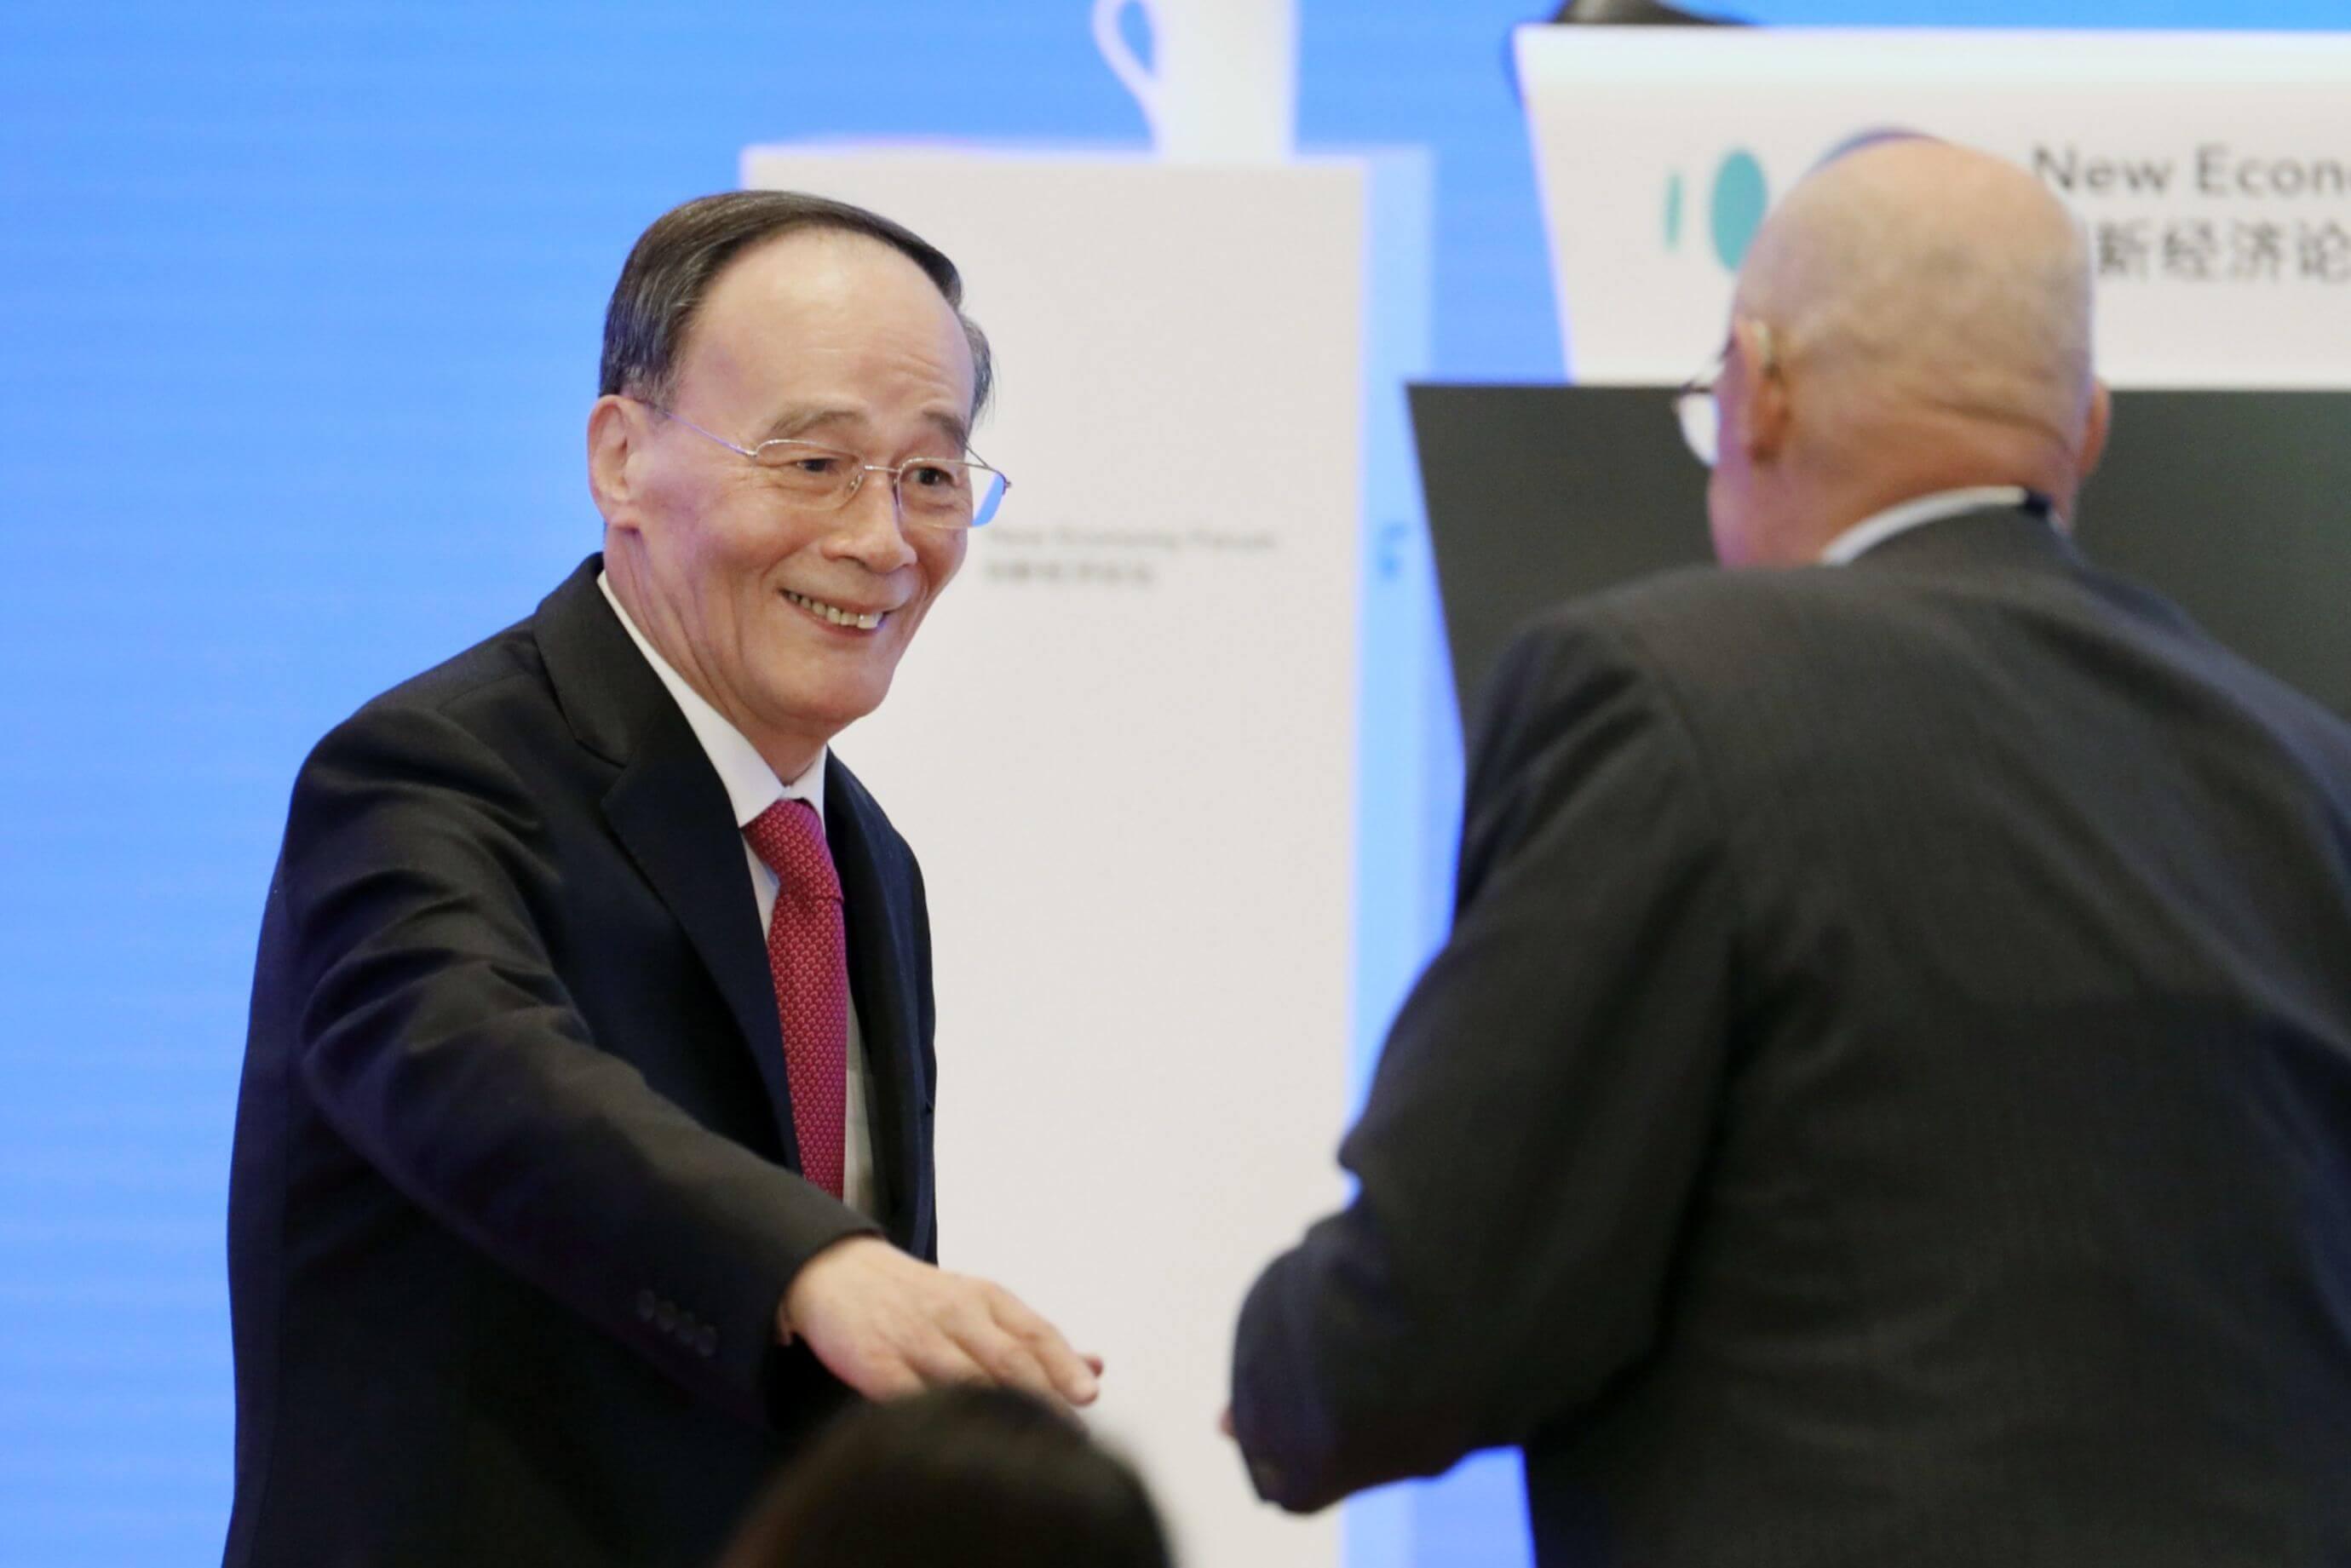 王岐山出席2019年创新经济论坛开幕式并致辞